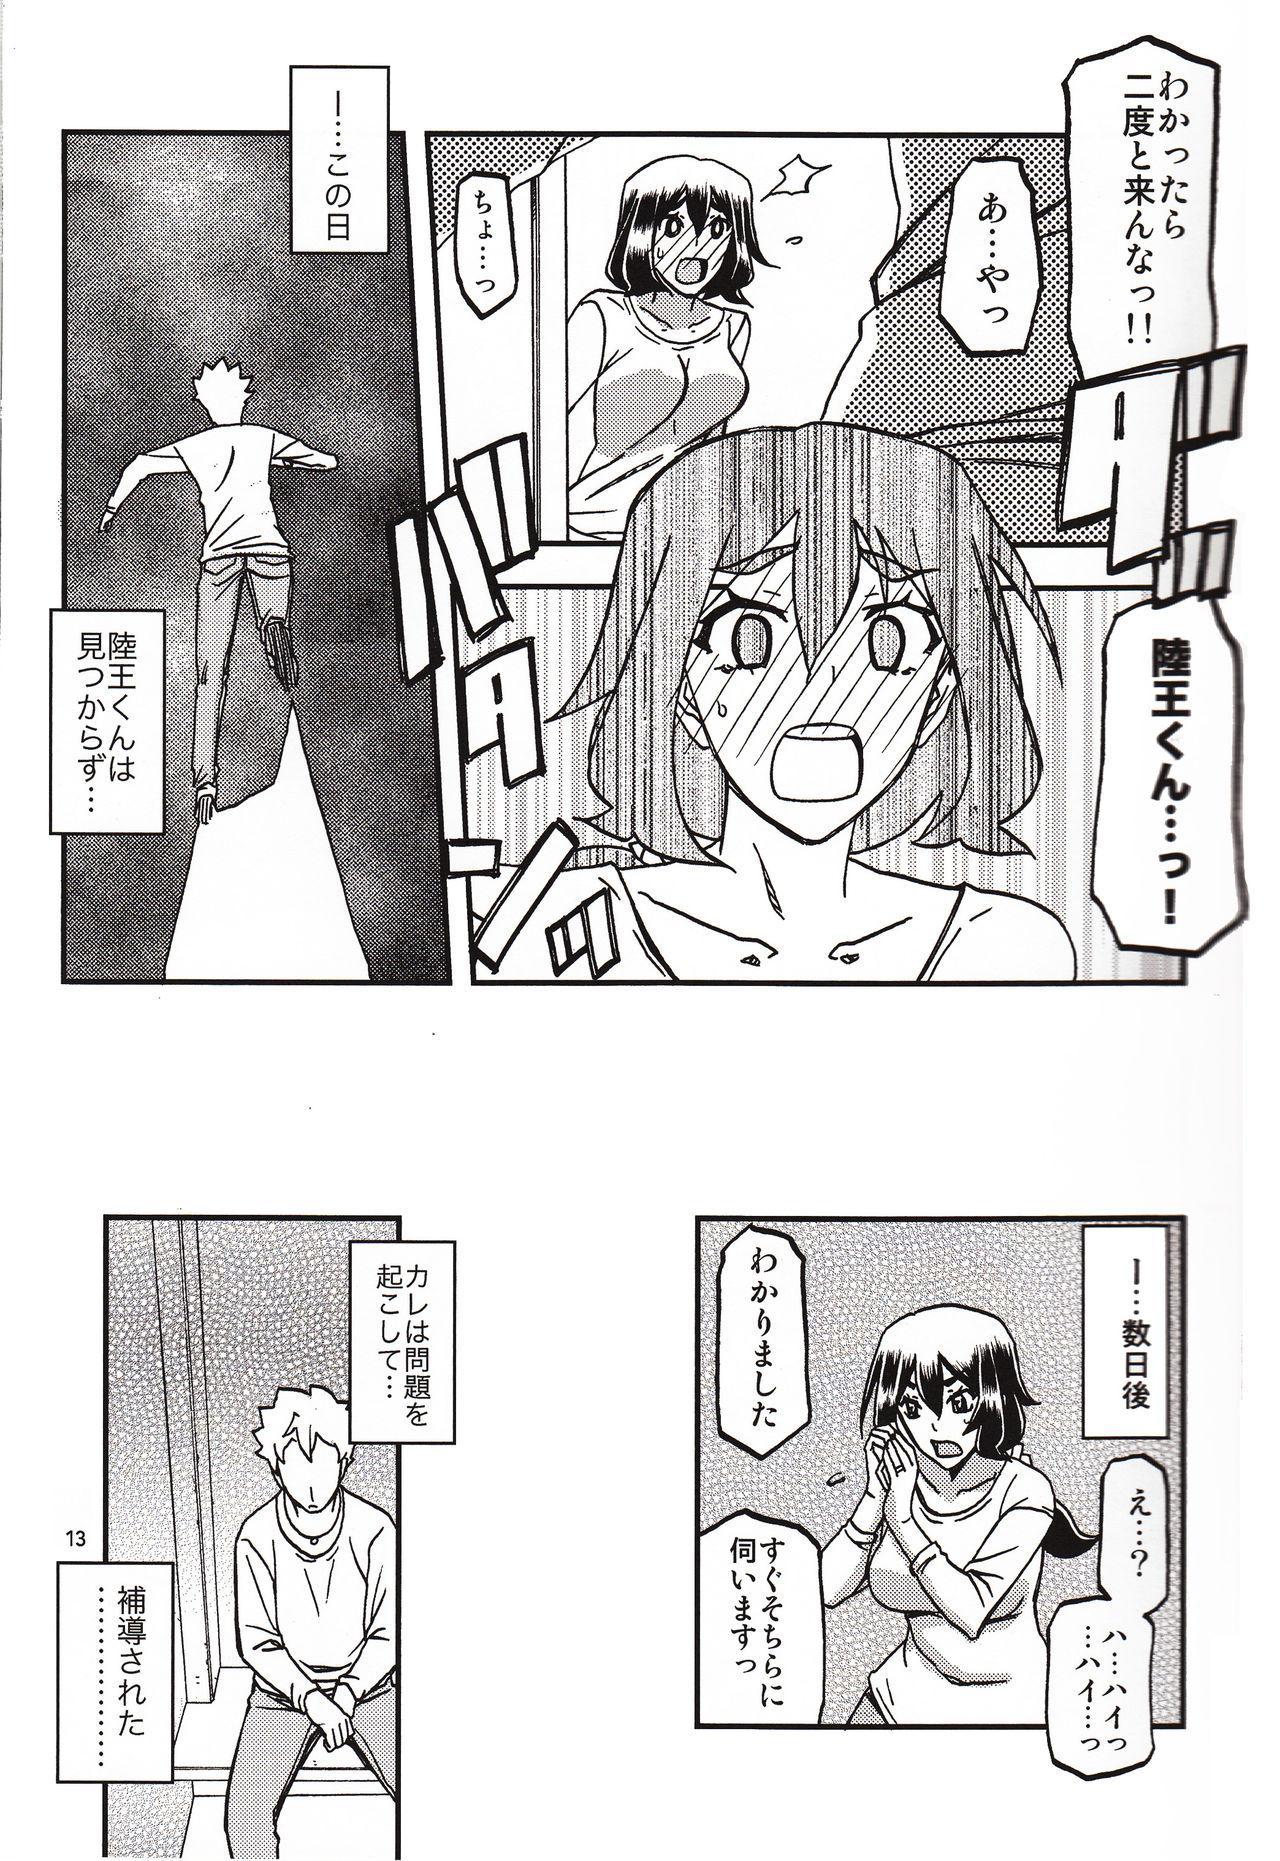 Akebi no Mi - Chizuru katei 11